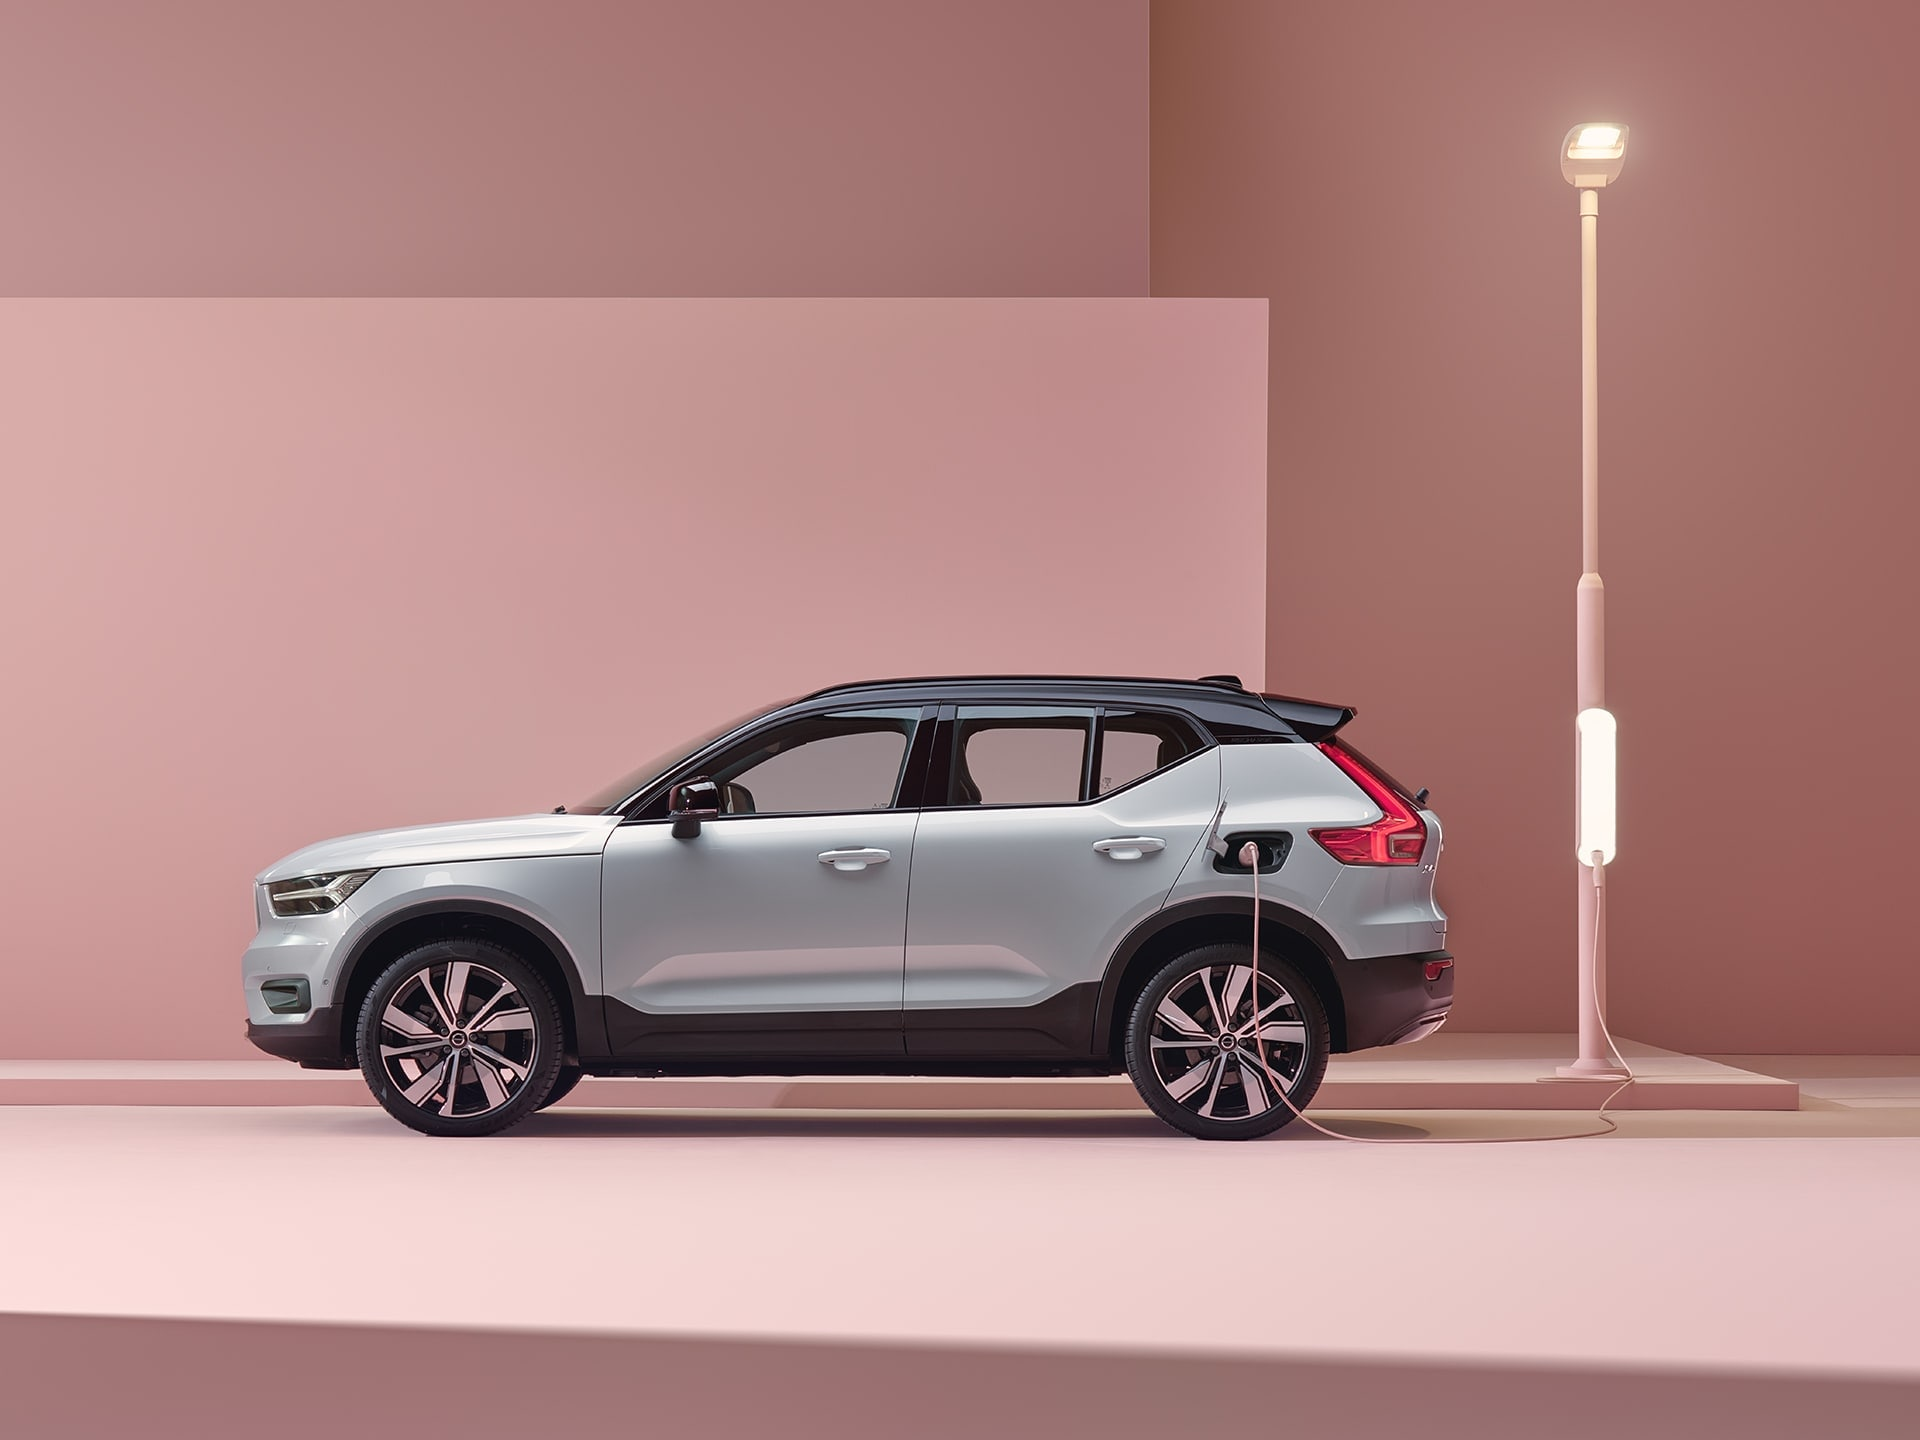 Un SUV électrique Volvo XC40 Recharge de couleur Glacier Silver en charge dans une ville rose.